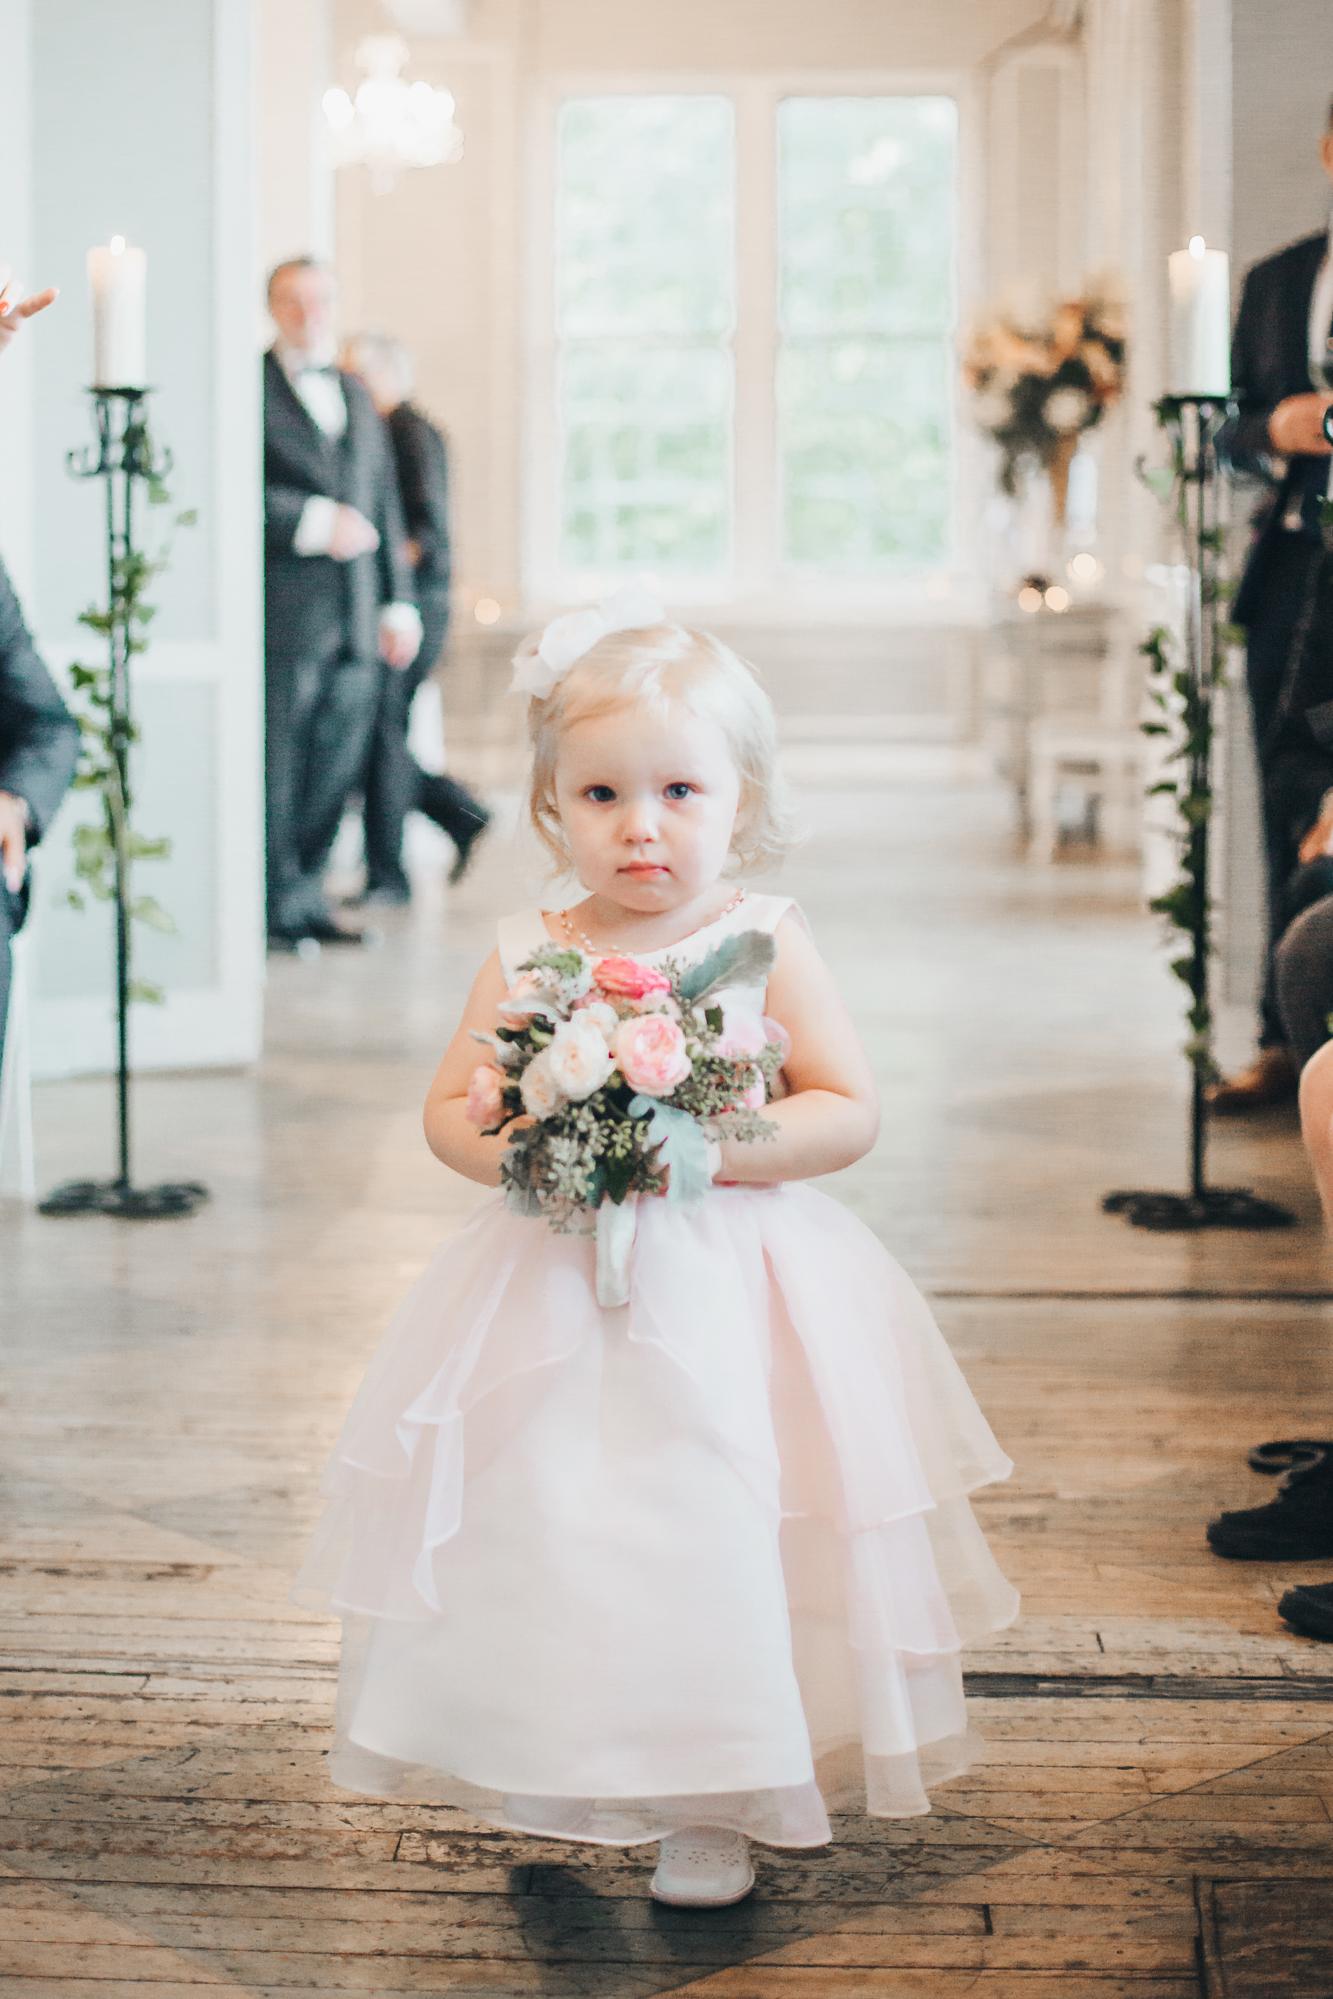 New York Wedding Photographer Boris Zaretsky Boris_Zaretsky_Photography__B2C5300-Edit copy.jpg